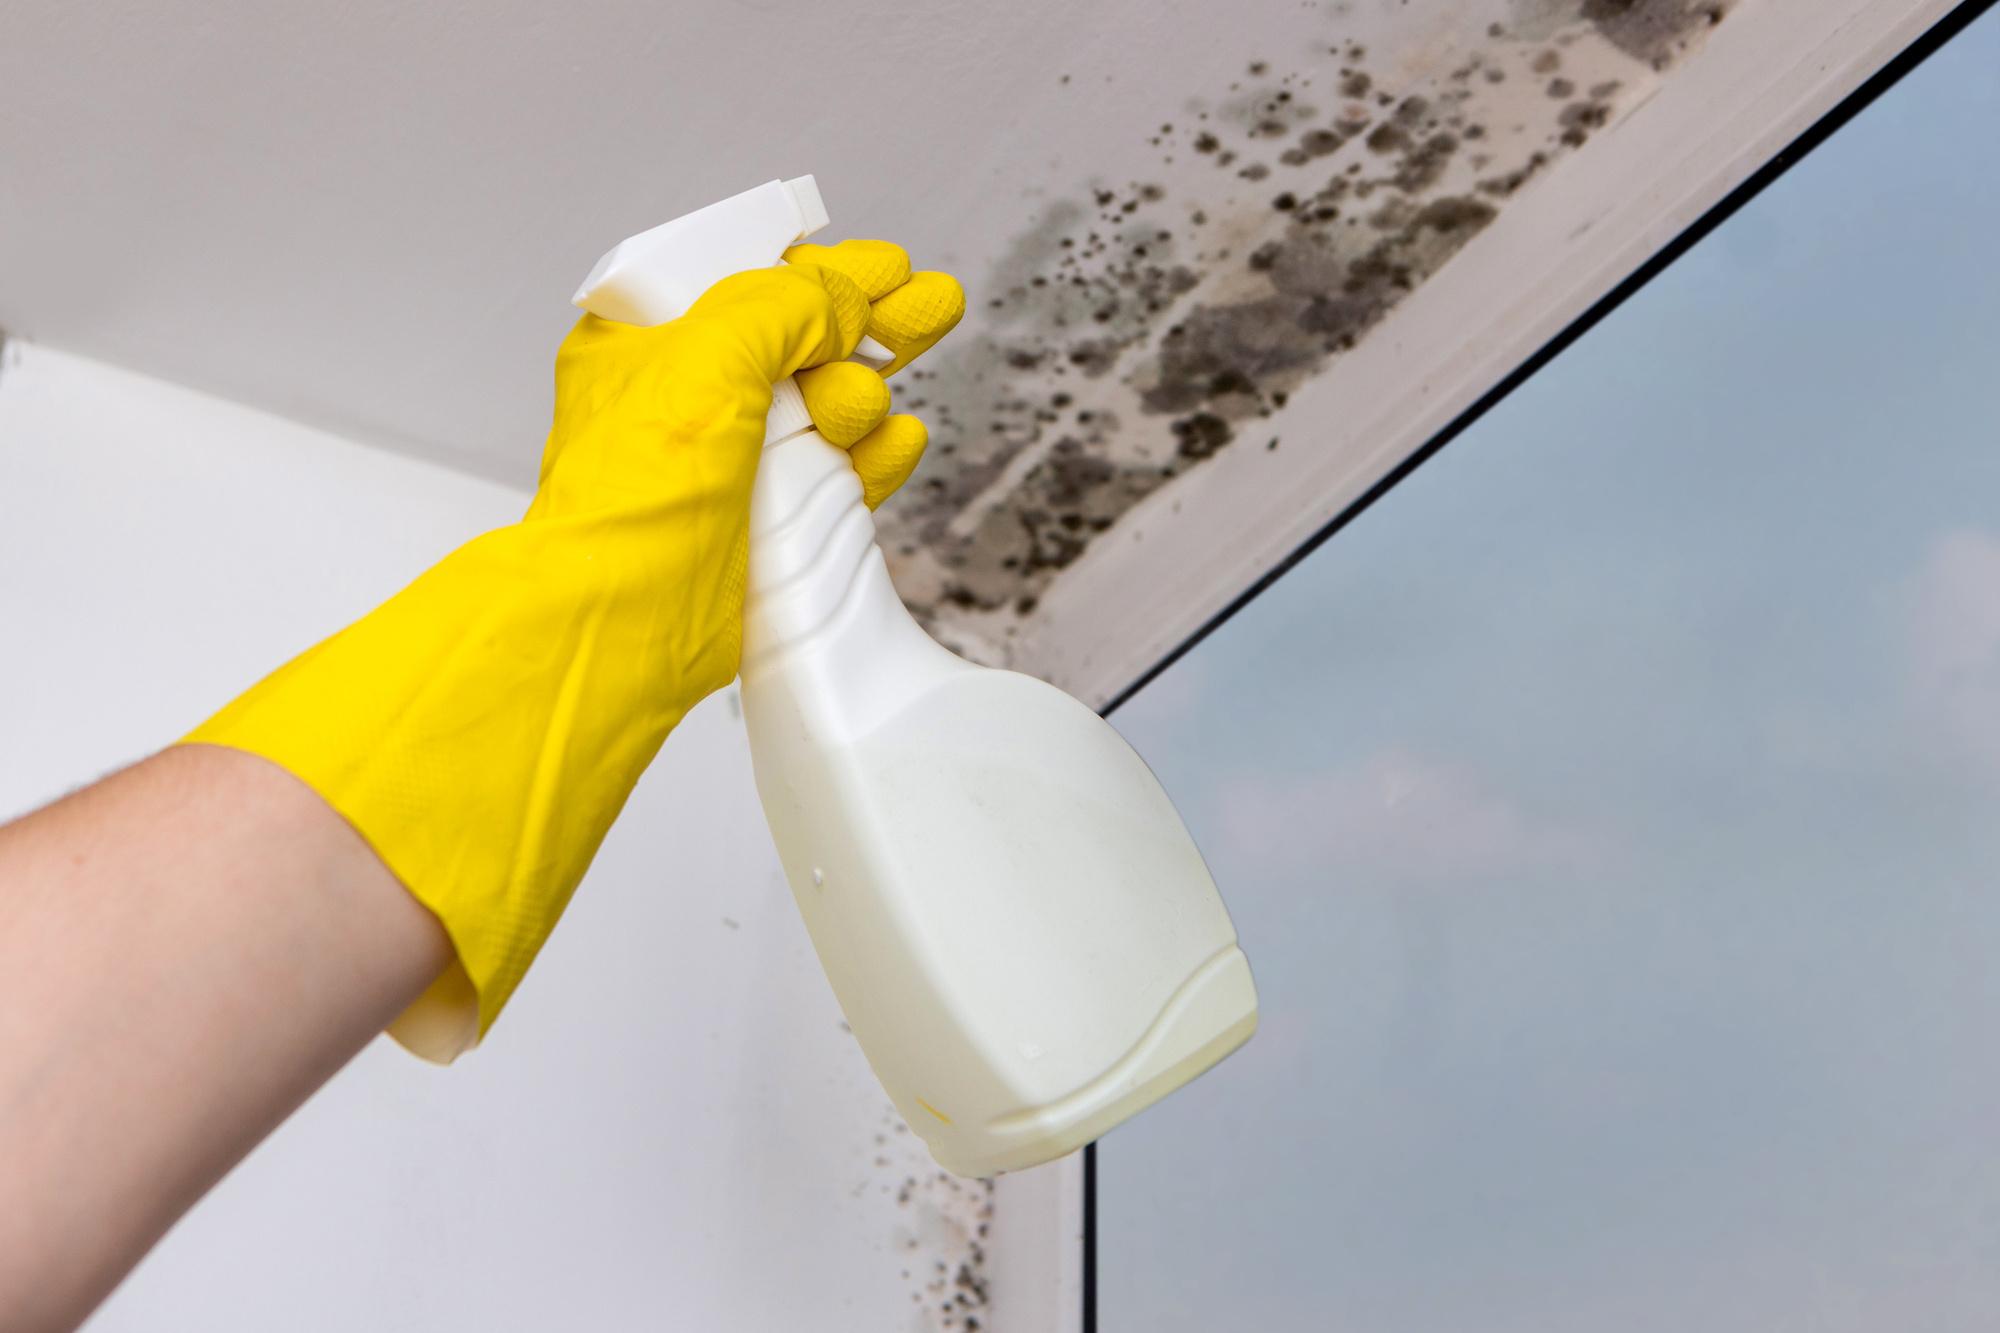 La muffa puo essere rimossa con prodotti per la casa e detergenti